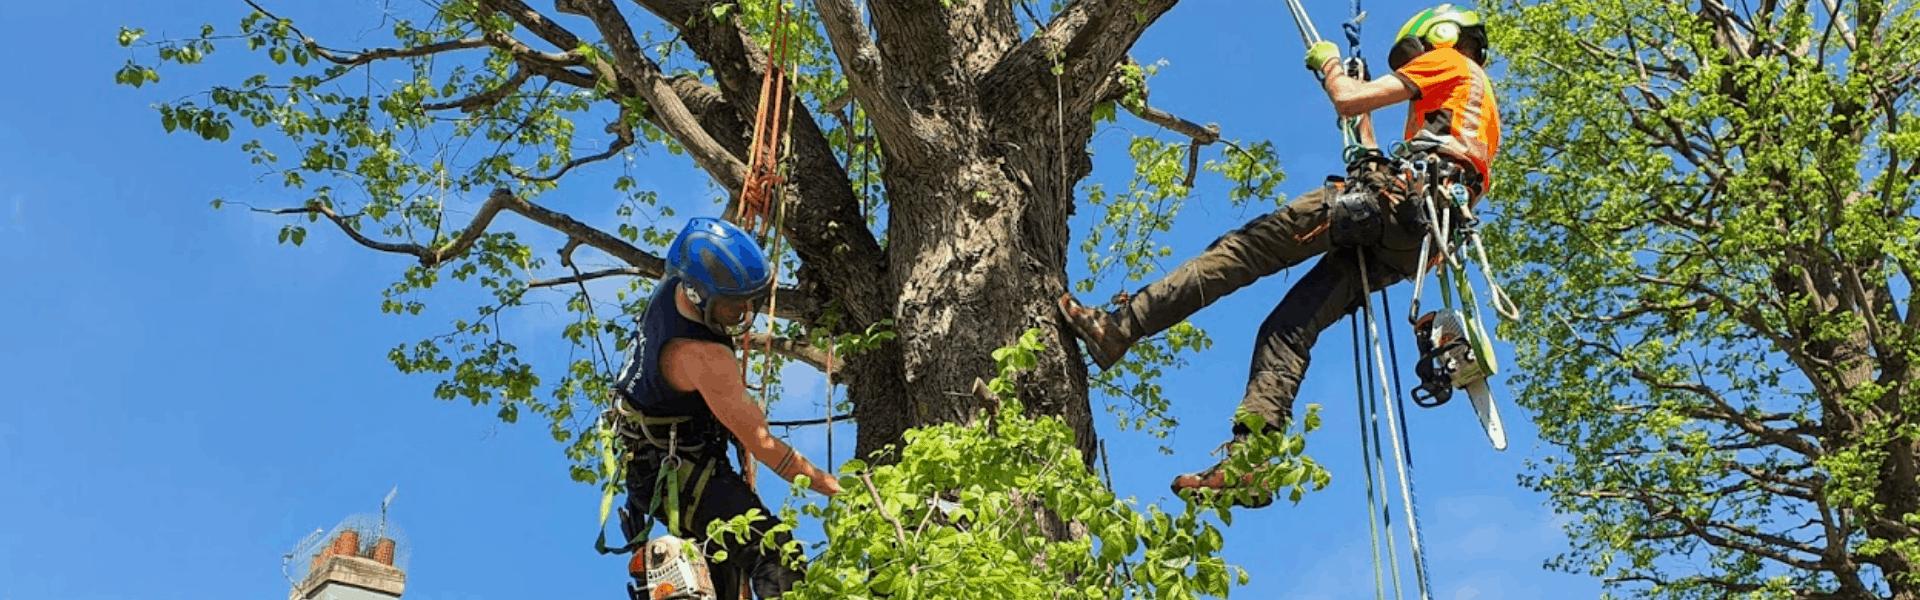 Climbing Arborist Sussex